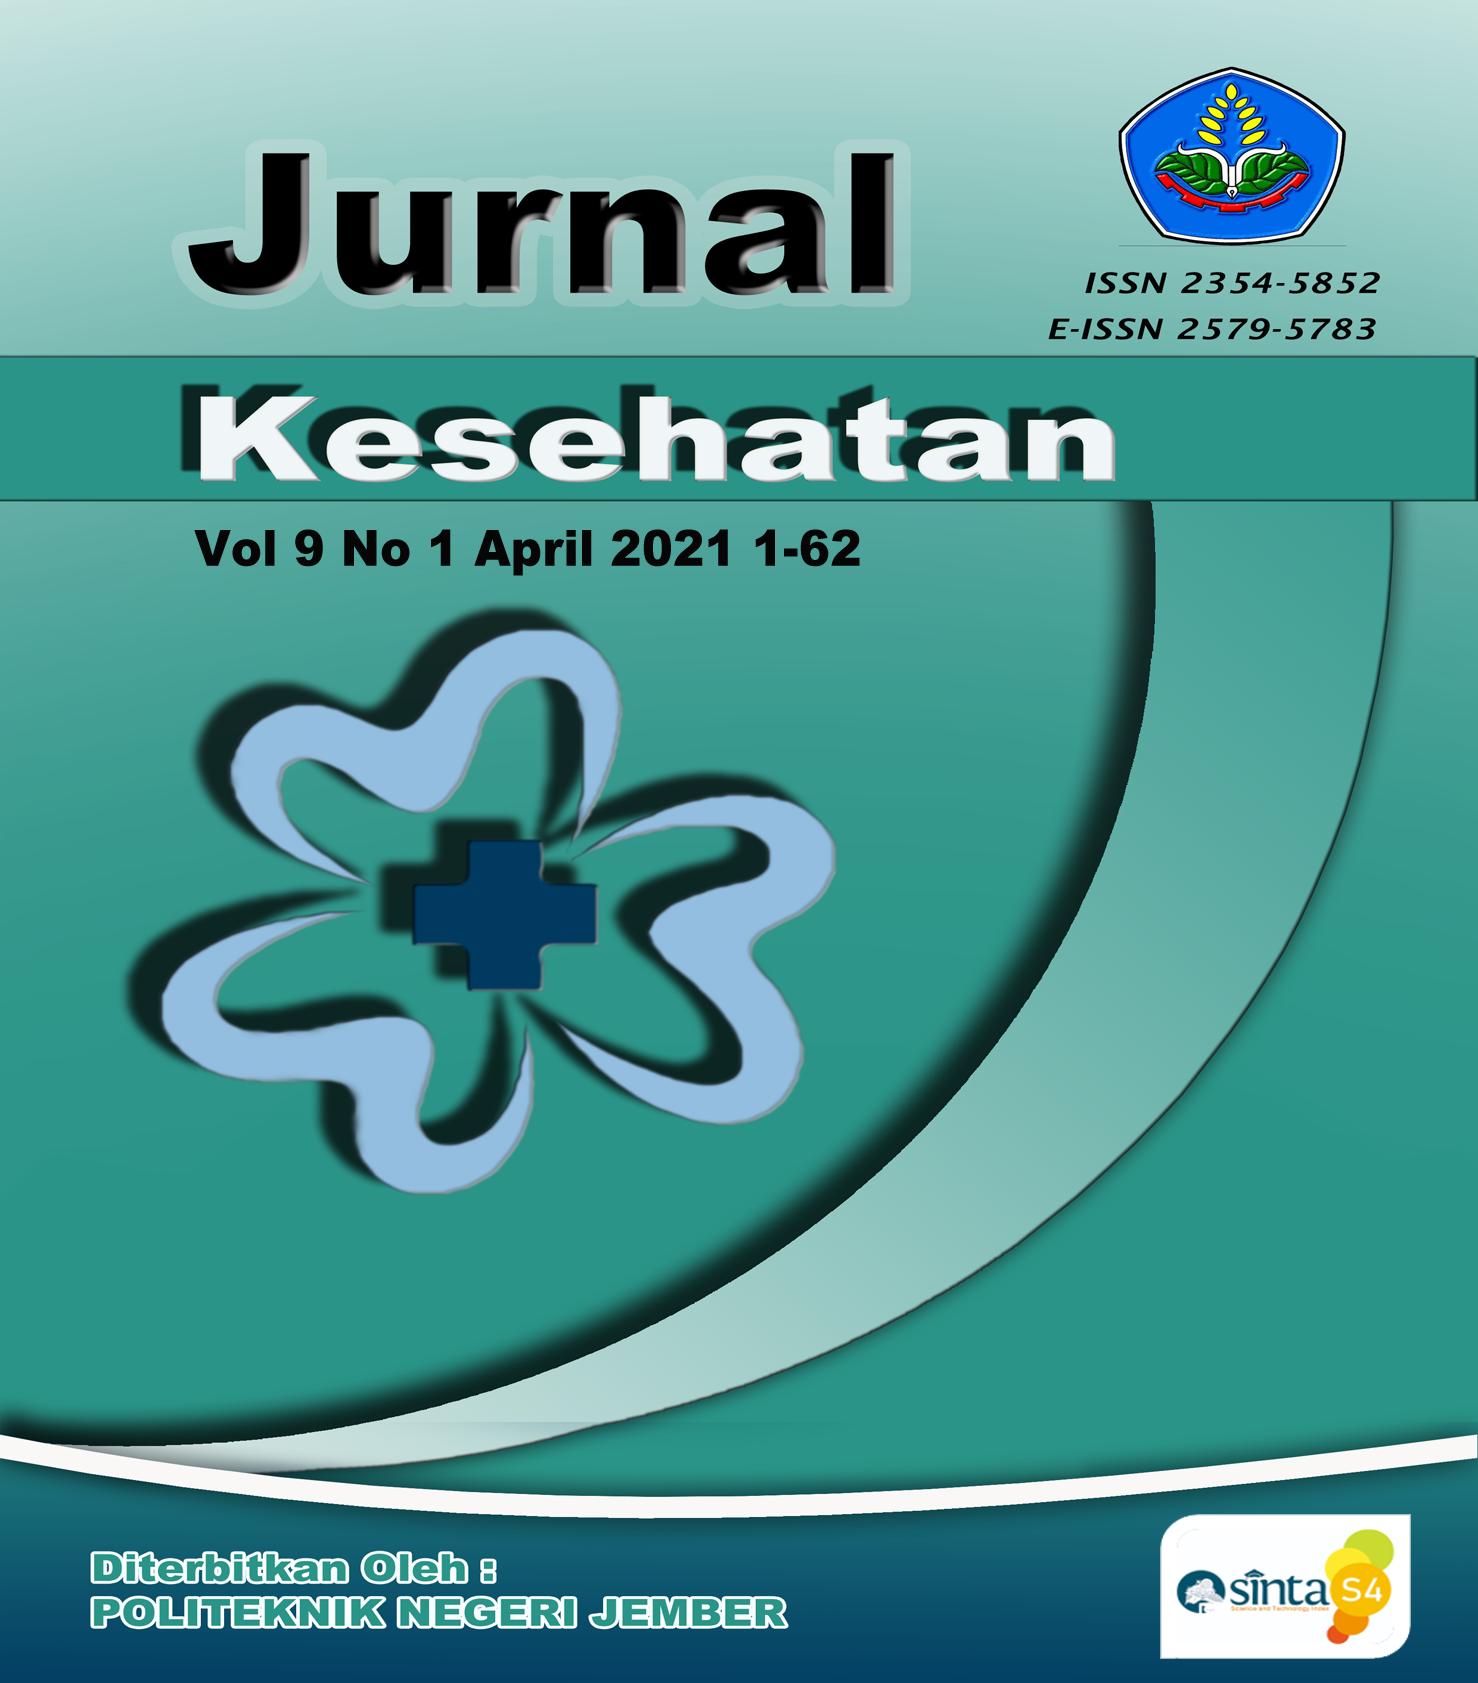 Cover Jurnal Kesehatan Vol 9 No 1 April 2021